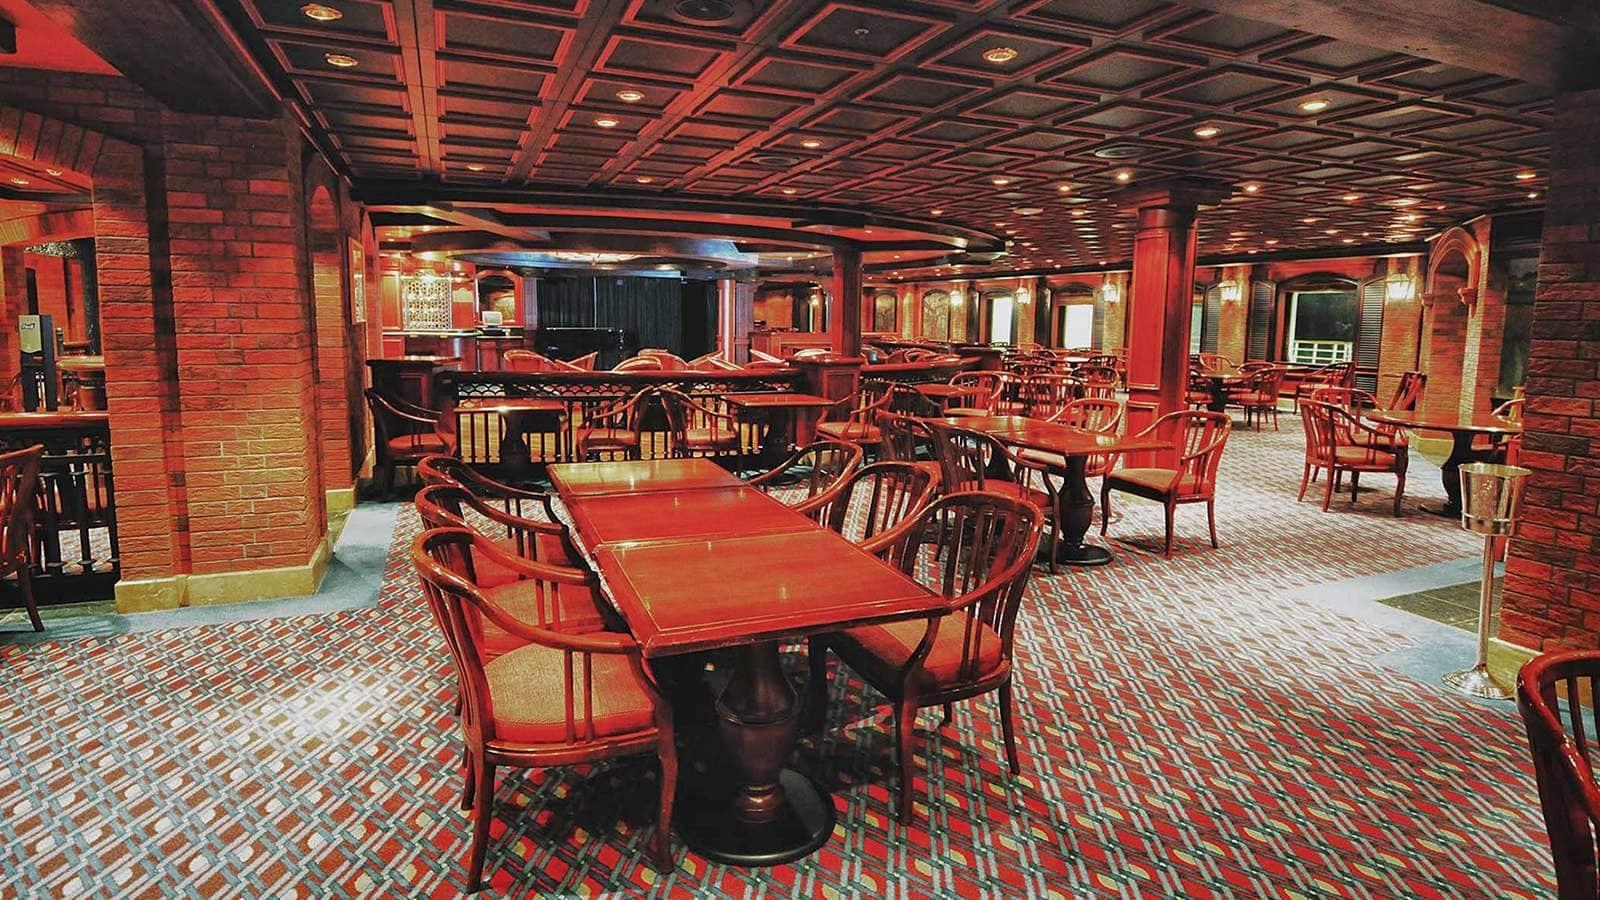 河口咖啡和牛排馆 Bayou Café & Steakhouse